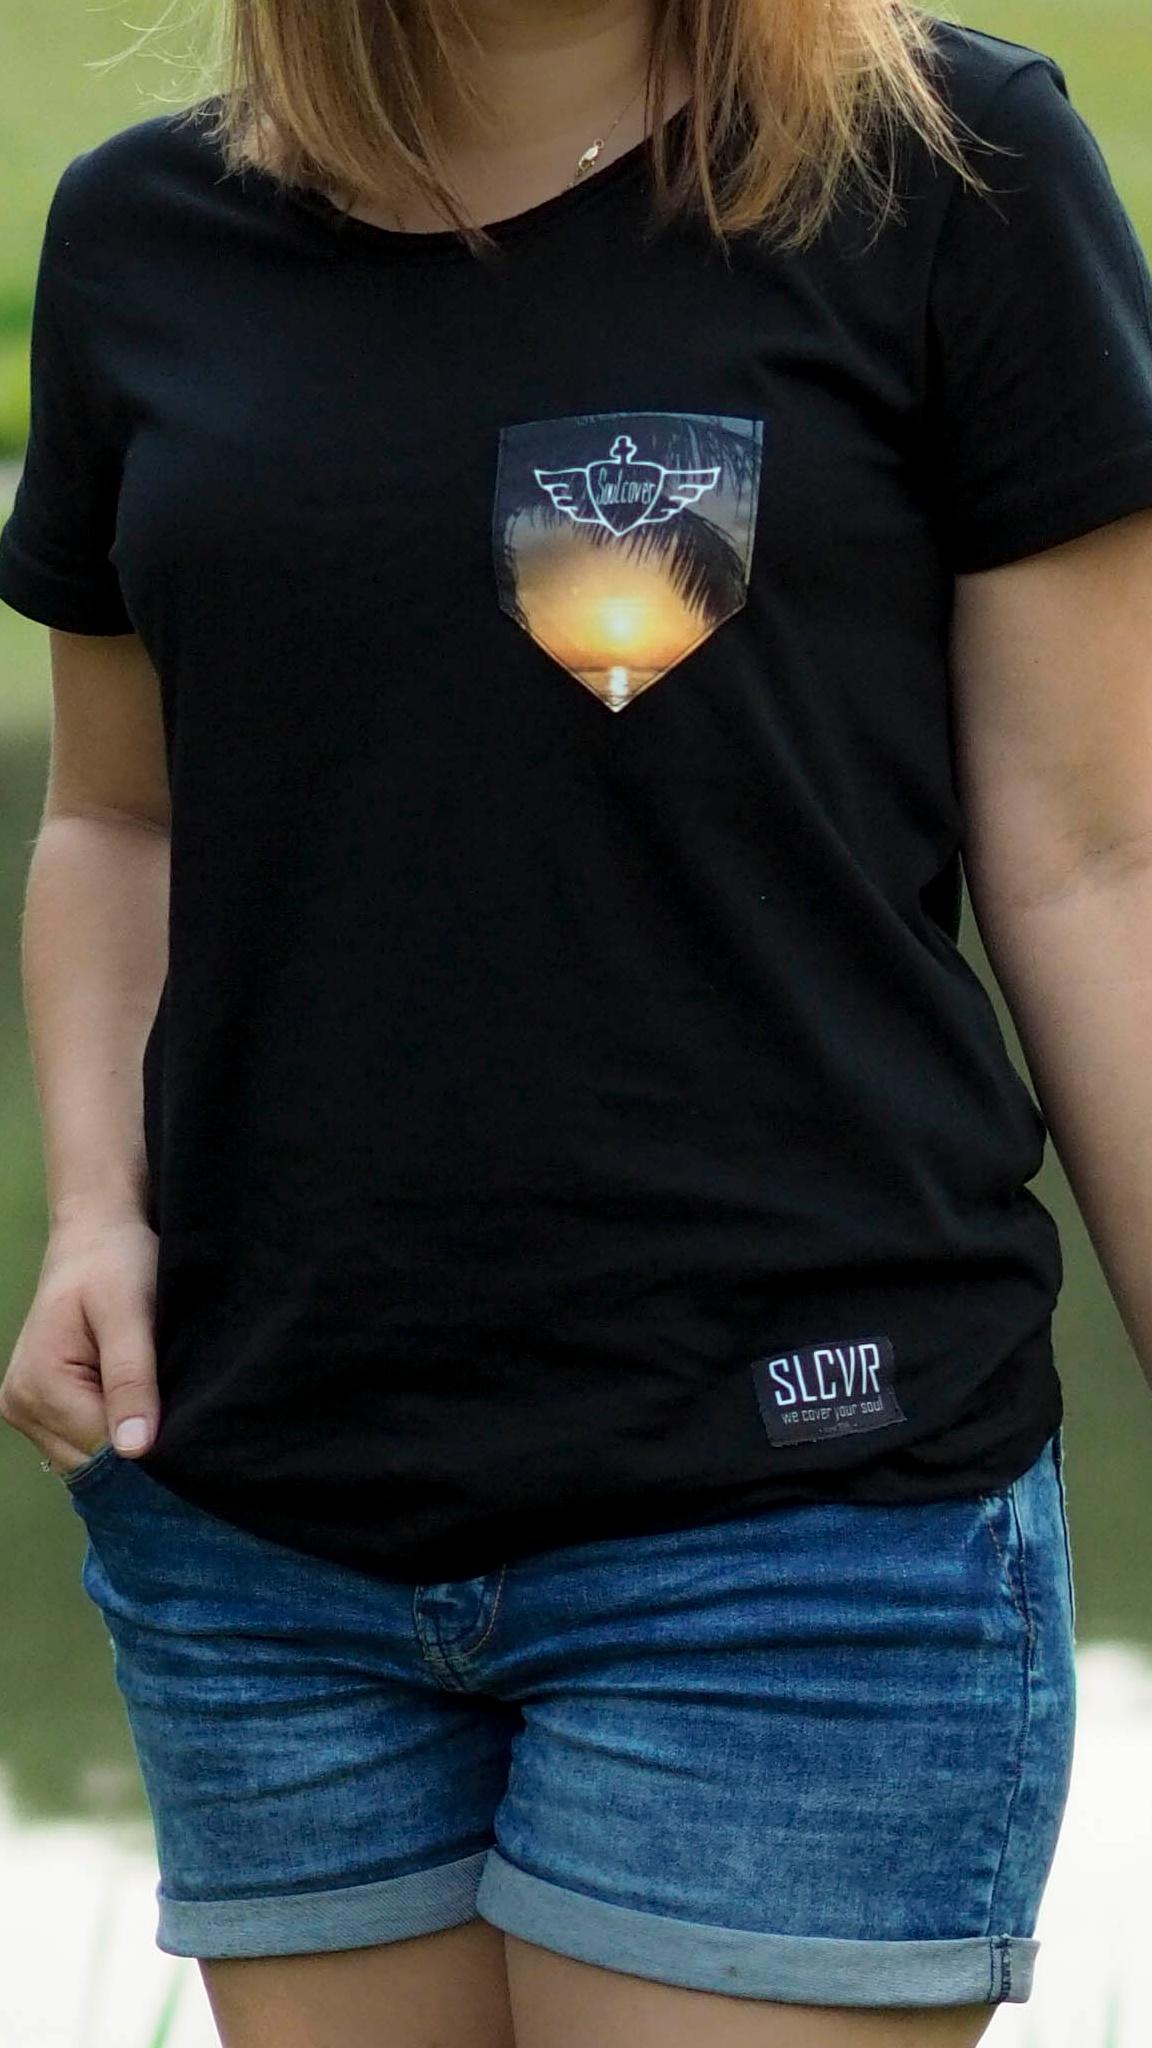 Sunset Ladies Soulcover Clothing T-Shirt Shirt für Weltreise Reisejunkies Reise Travel Traveller Wanderlust Organic Eco Öko Biobaumwolle Bio-Baumwolle Fairtrade